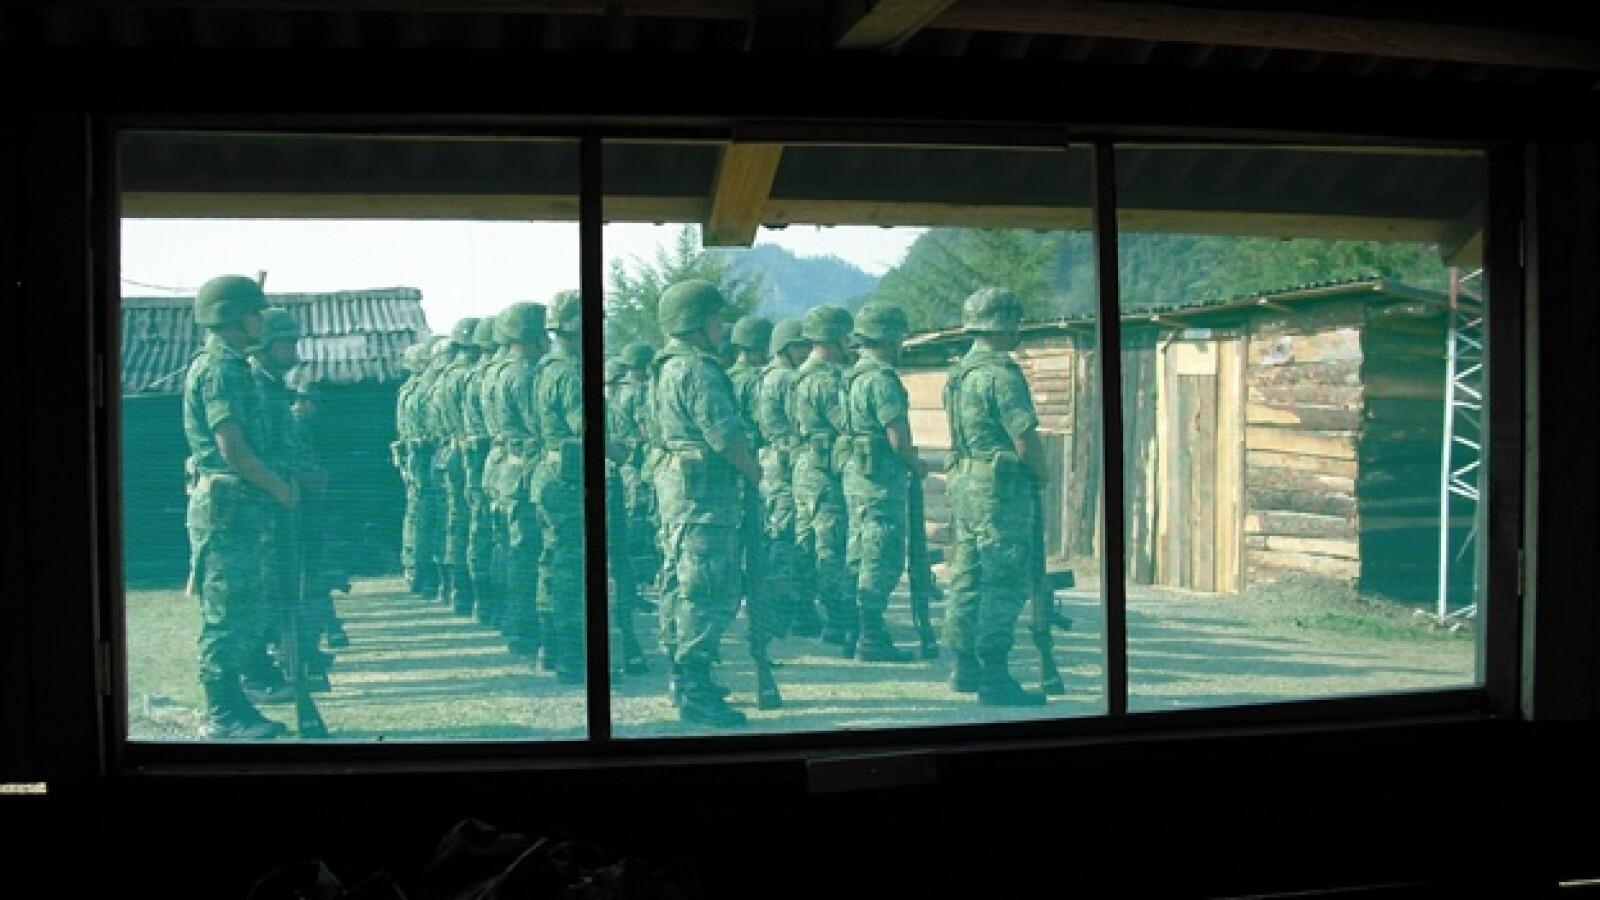 La base de Ixtlahuaco, ubicada entre la Sierra y Huasteca hidalguense, está adaptada con cabañas de madera donde los soldados viven hasta po